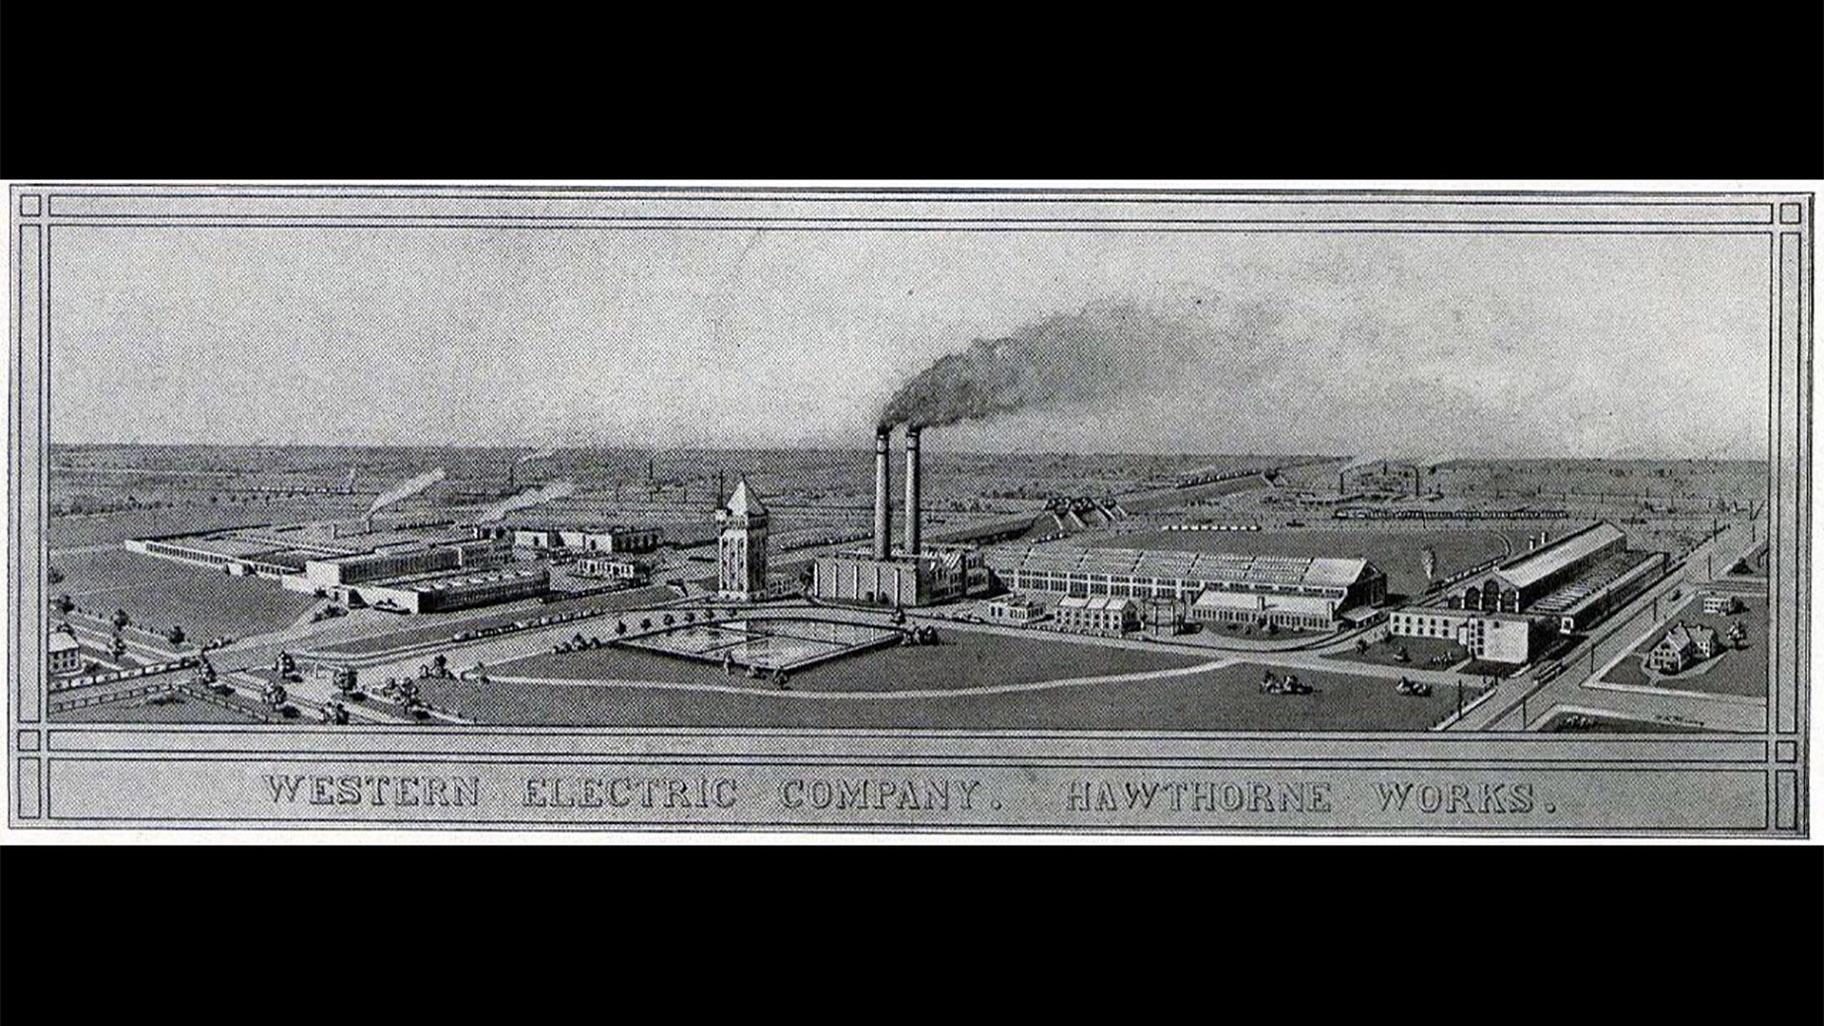 Cicerovým velkým lákadlem byla Hawthorne Works Western Electric, která zaměstnávala mnoho českých přistěhovalců a rodin vyrábějících americké telefony.  (Se svolením Harvardské knihovny)